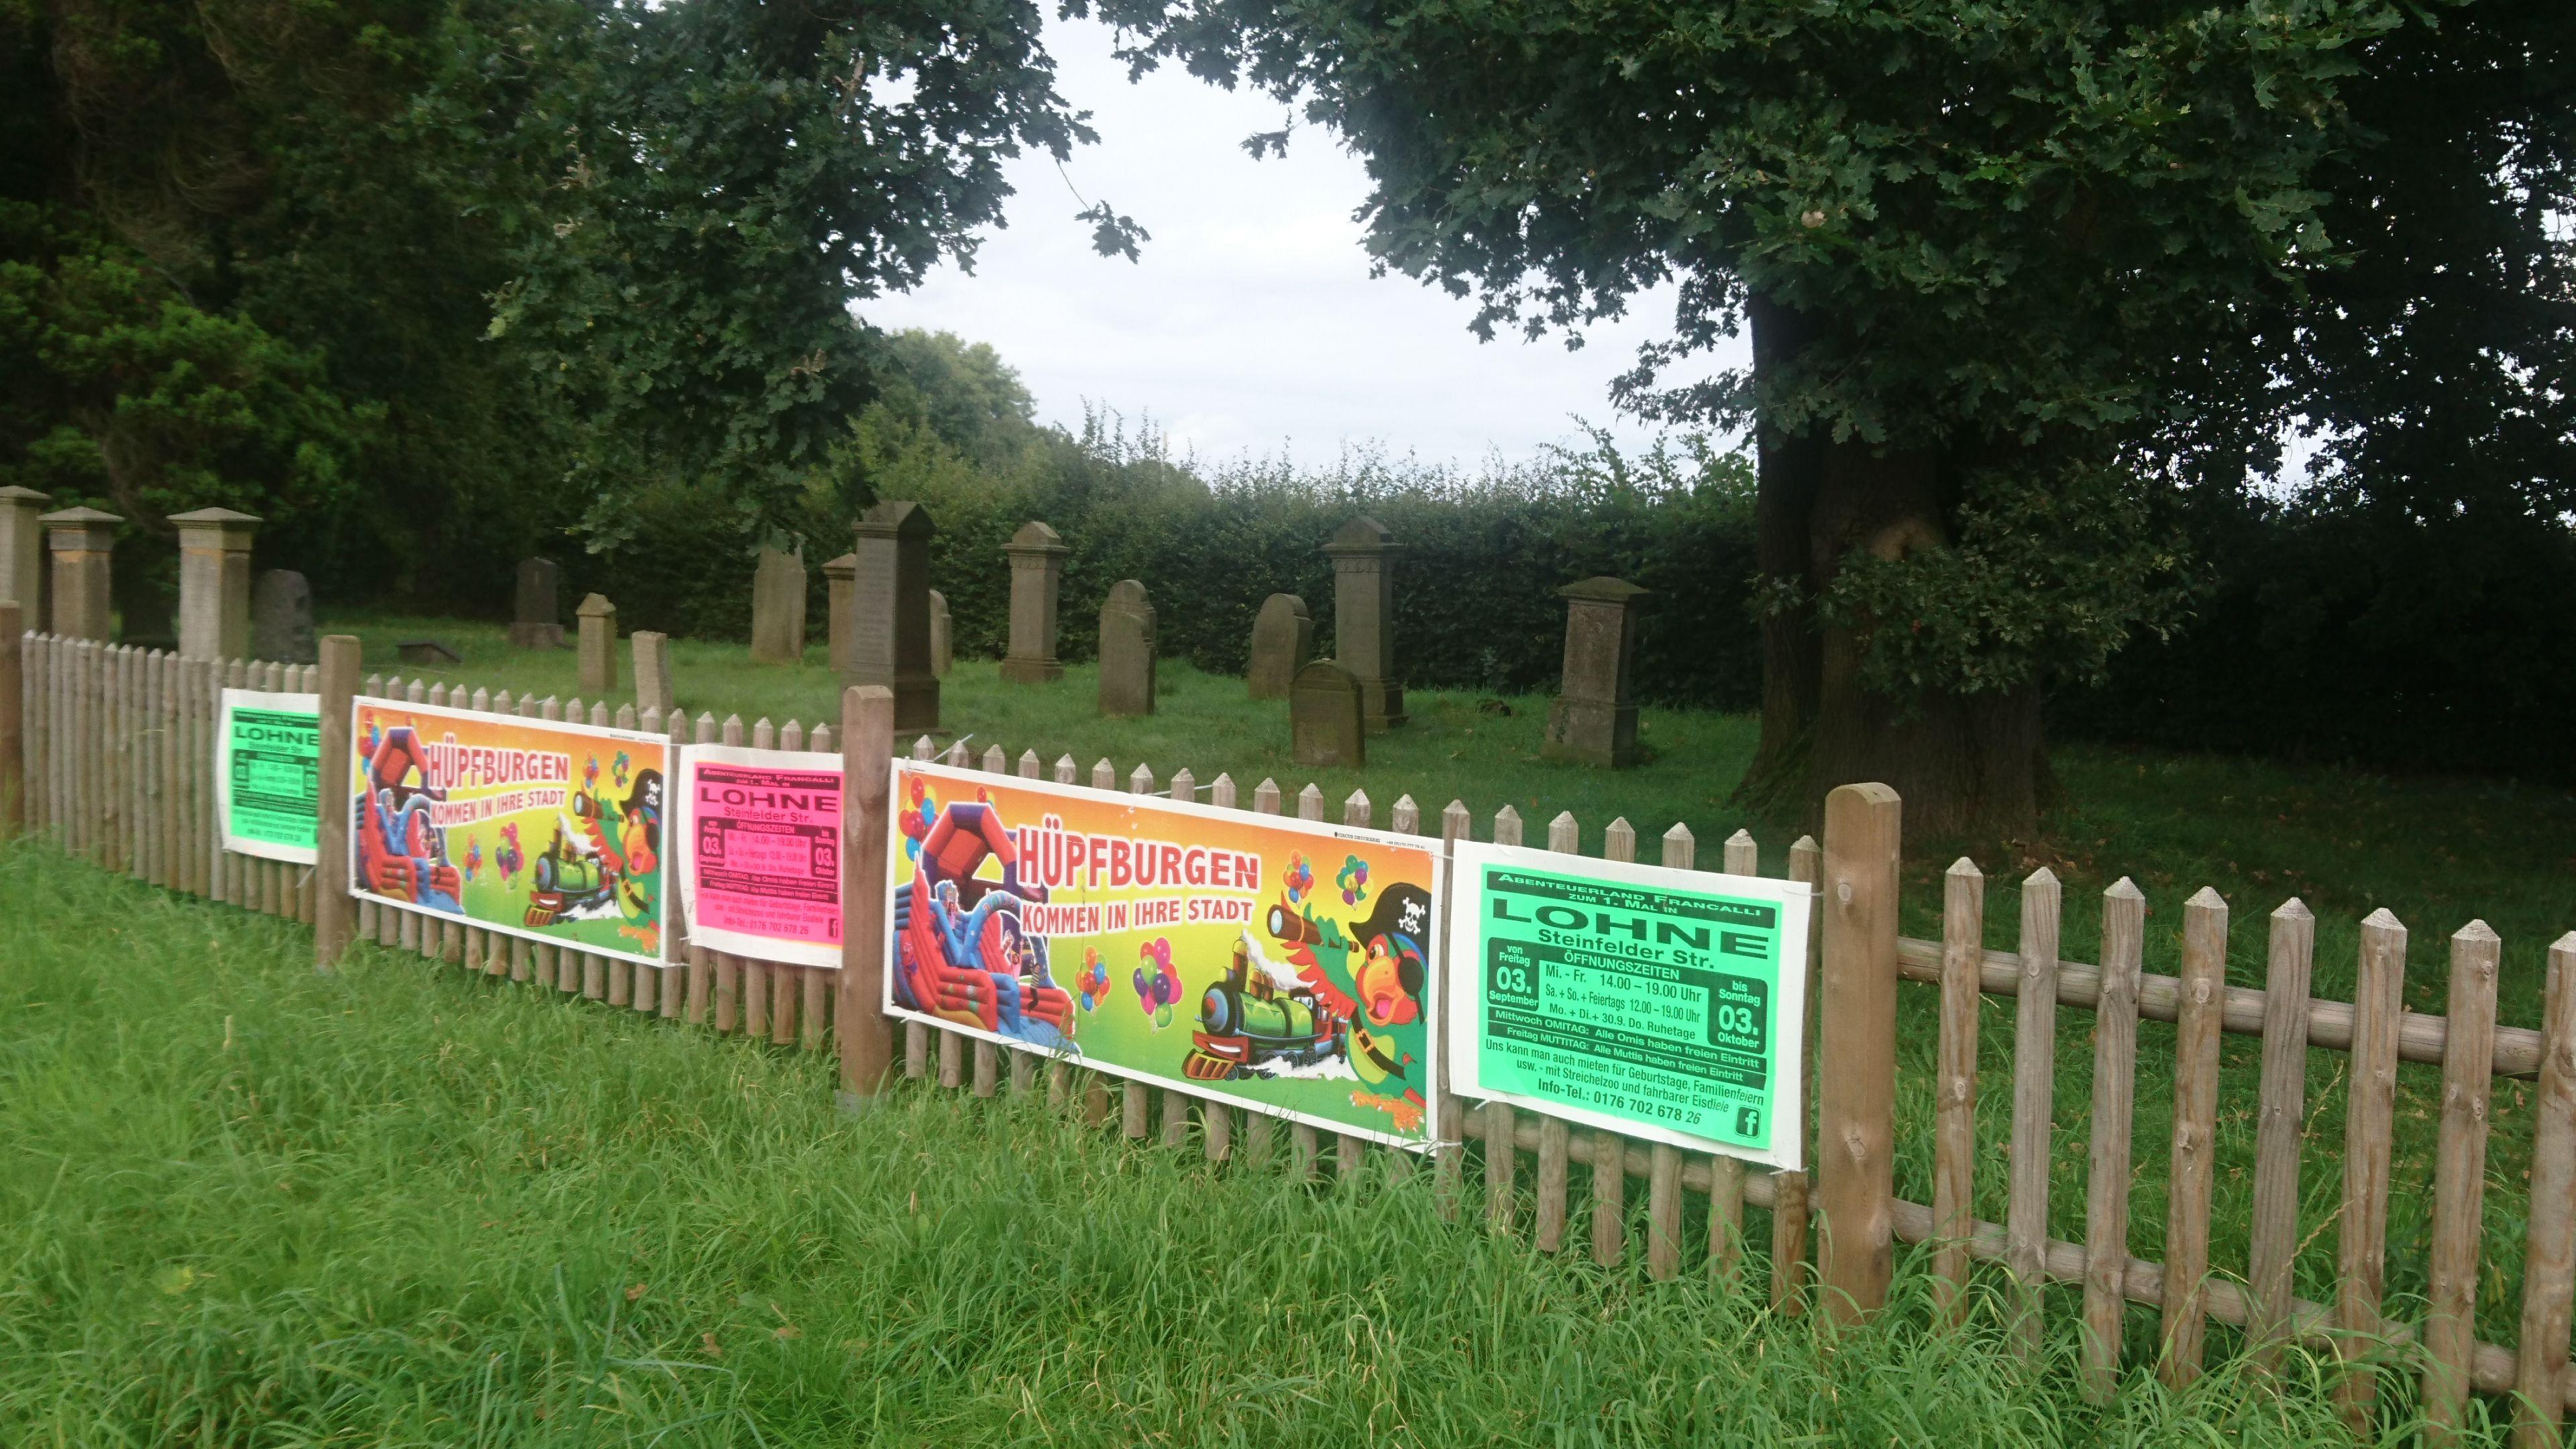 Reklame an der Ruhestätte: Am Zaun des jüdischen Friedhofs wurde für Hüpfburgen geworben. Foto: Speckmann